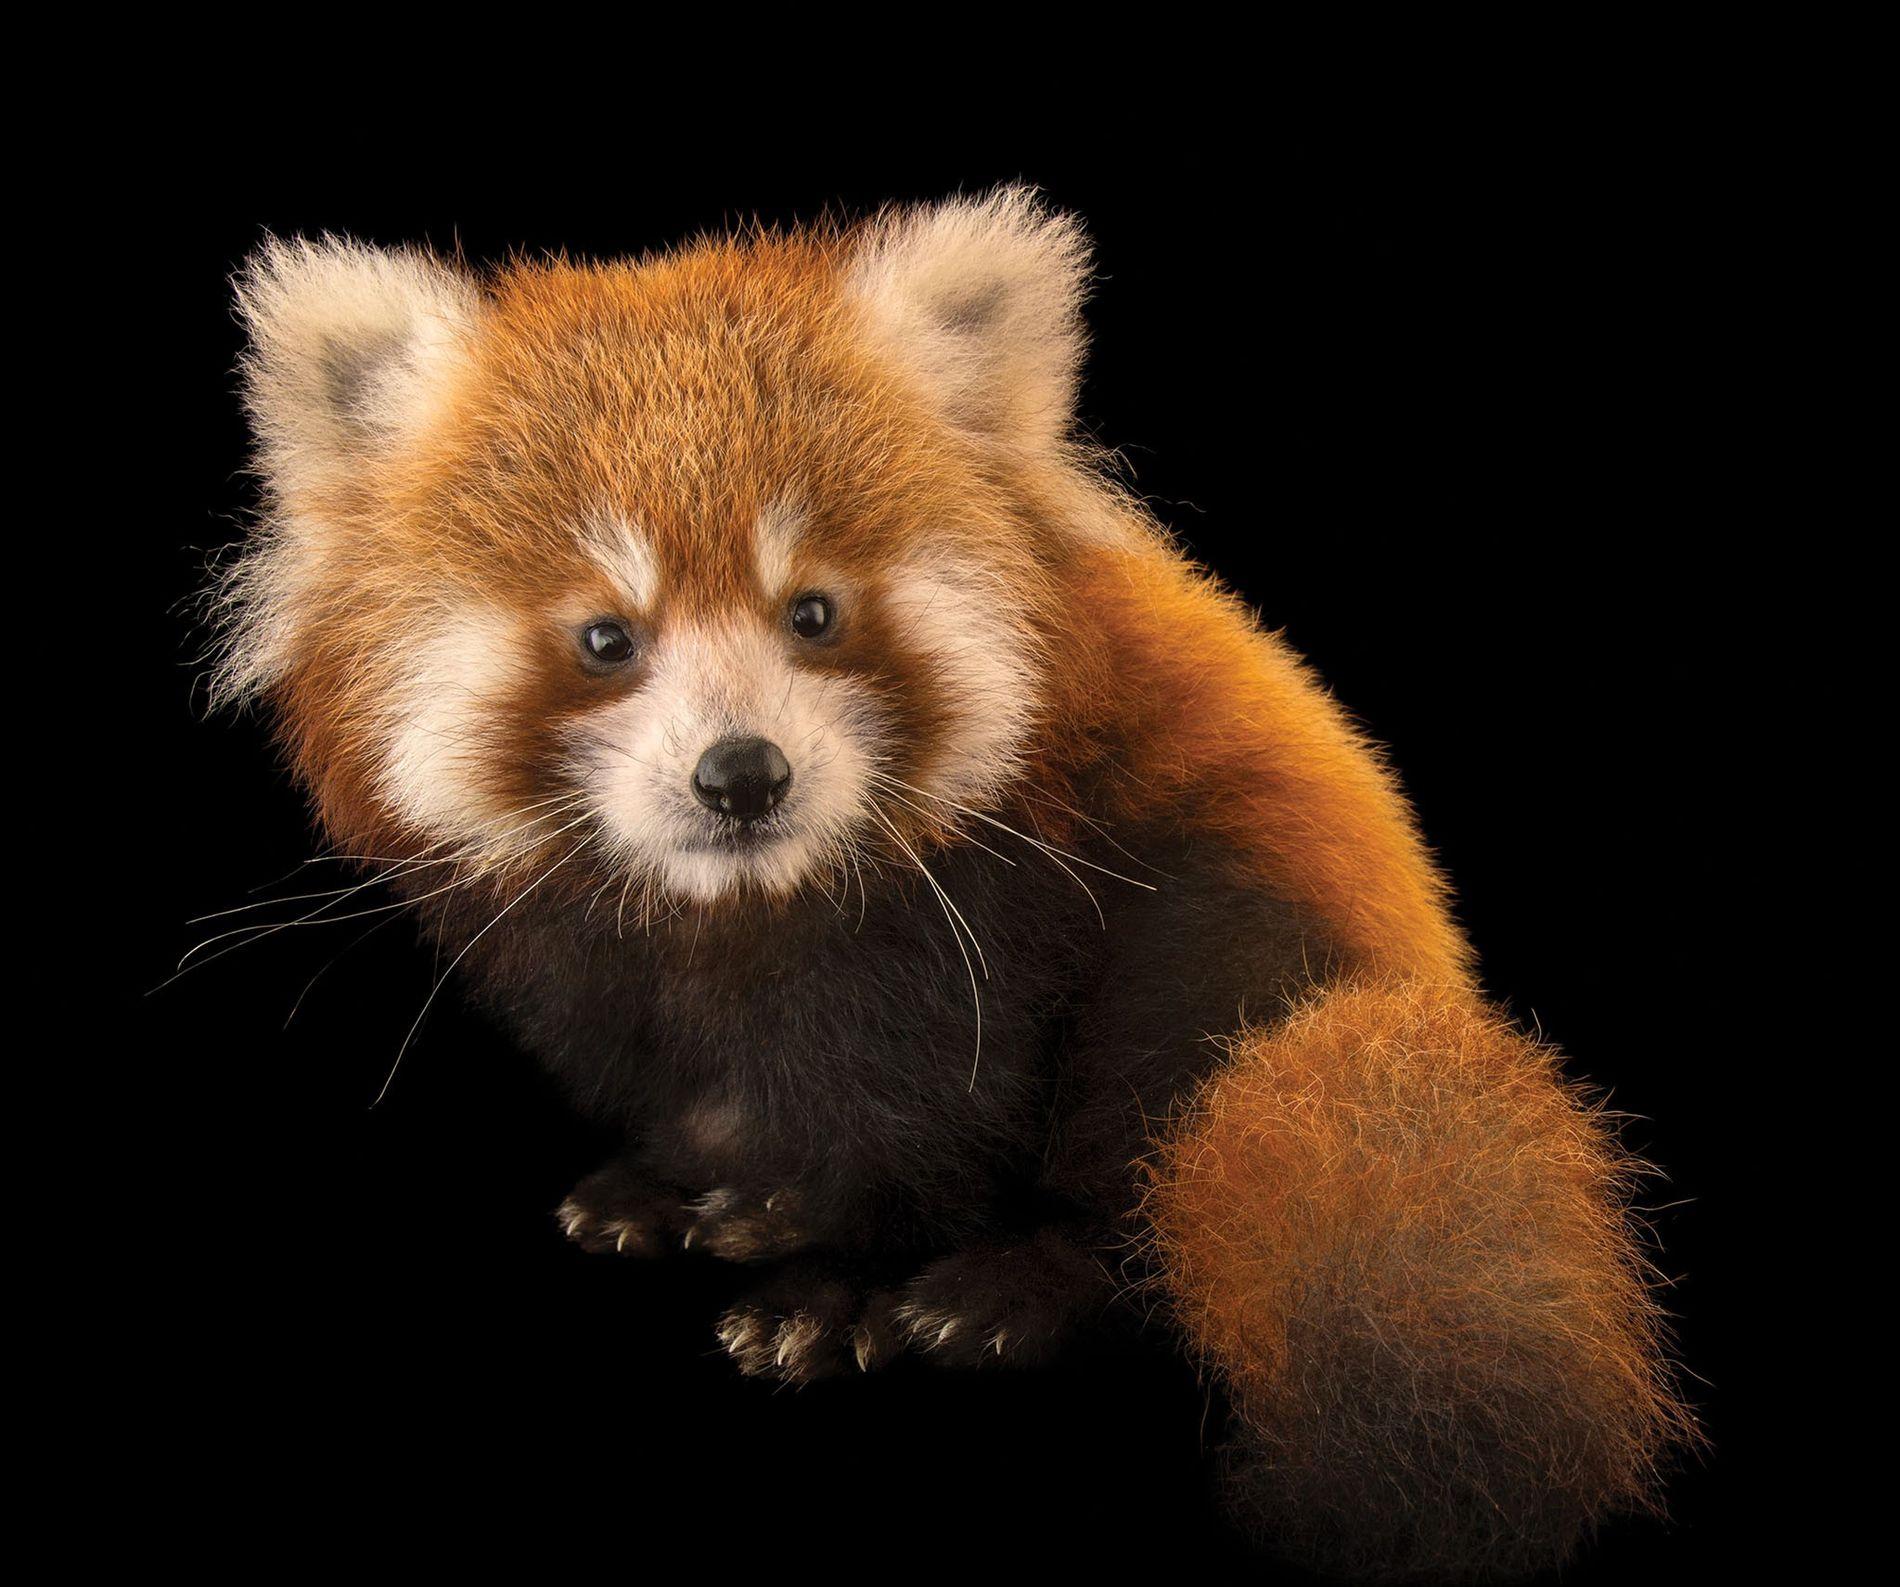 Ce panda roux a été photographié au zoo de Virginie, aux États-Unis.